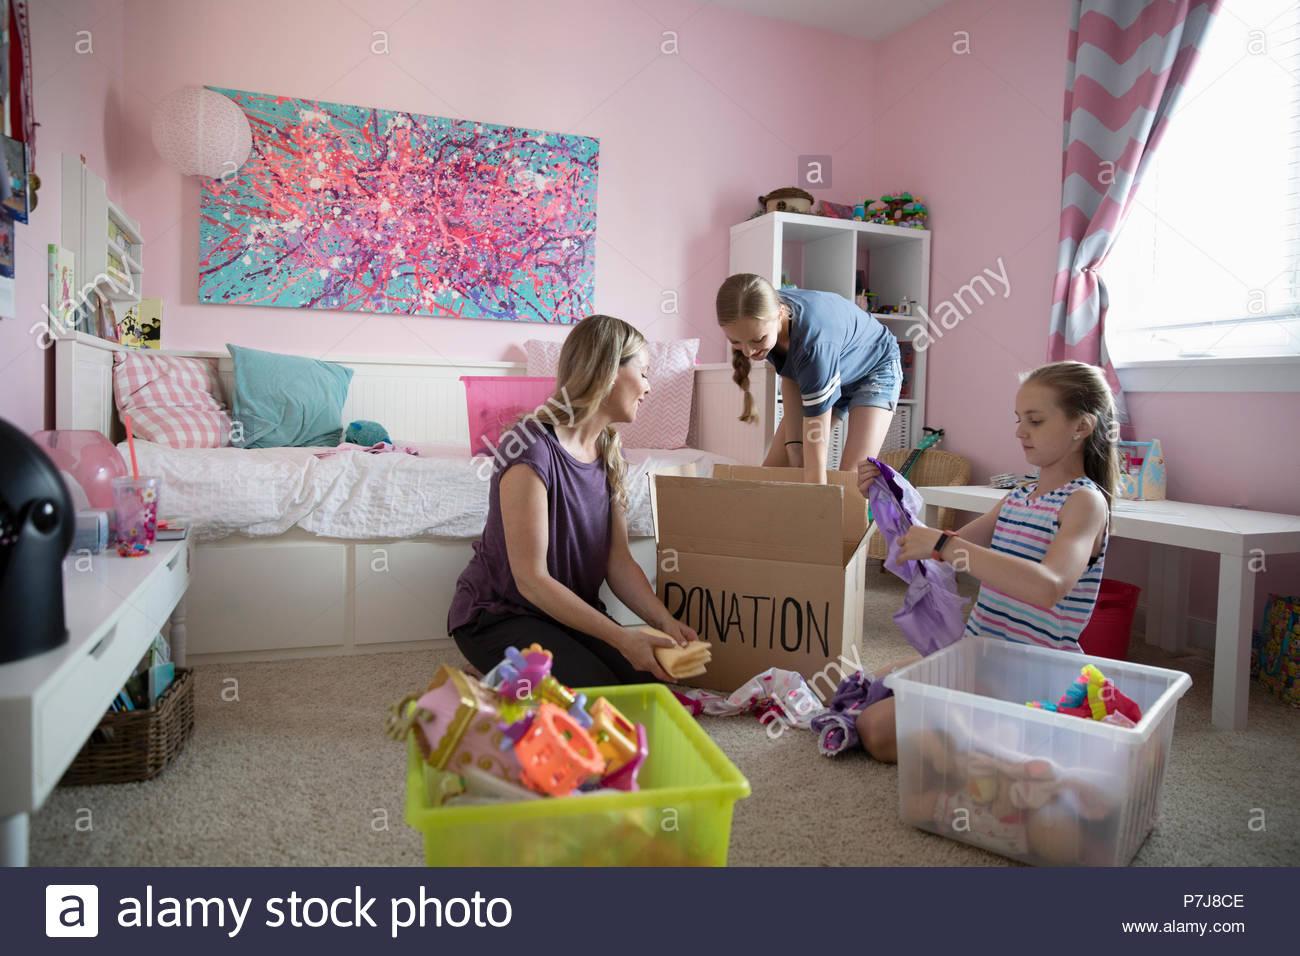 Mutter und Töchter Schlafzimmer organisieren, Spenden. Stockbild